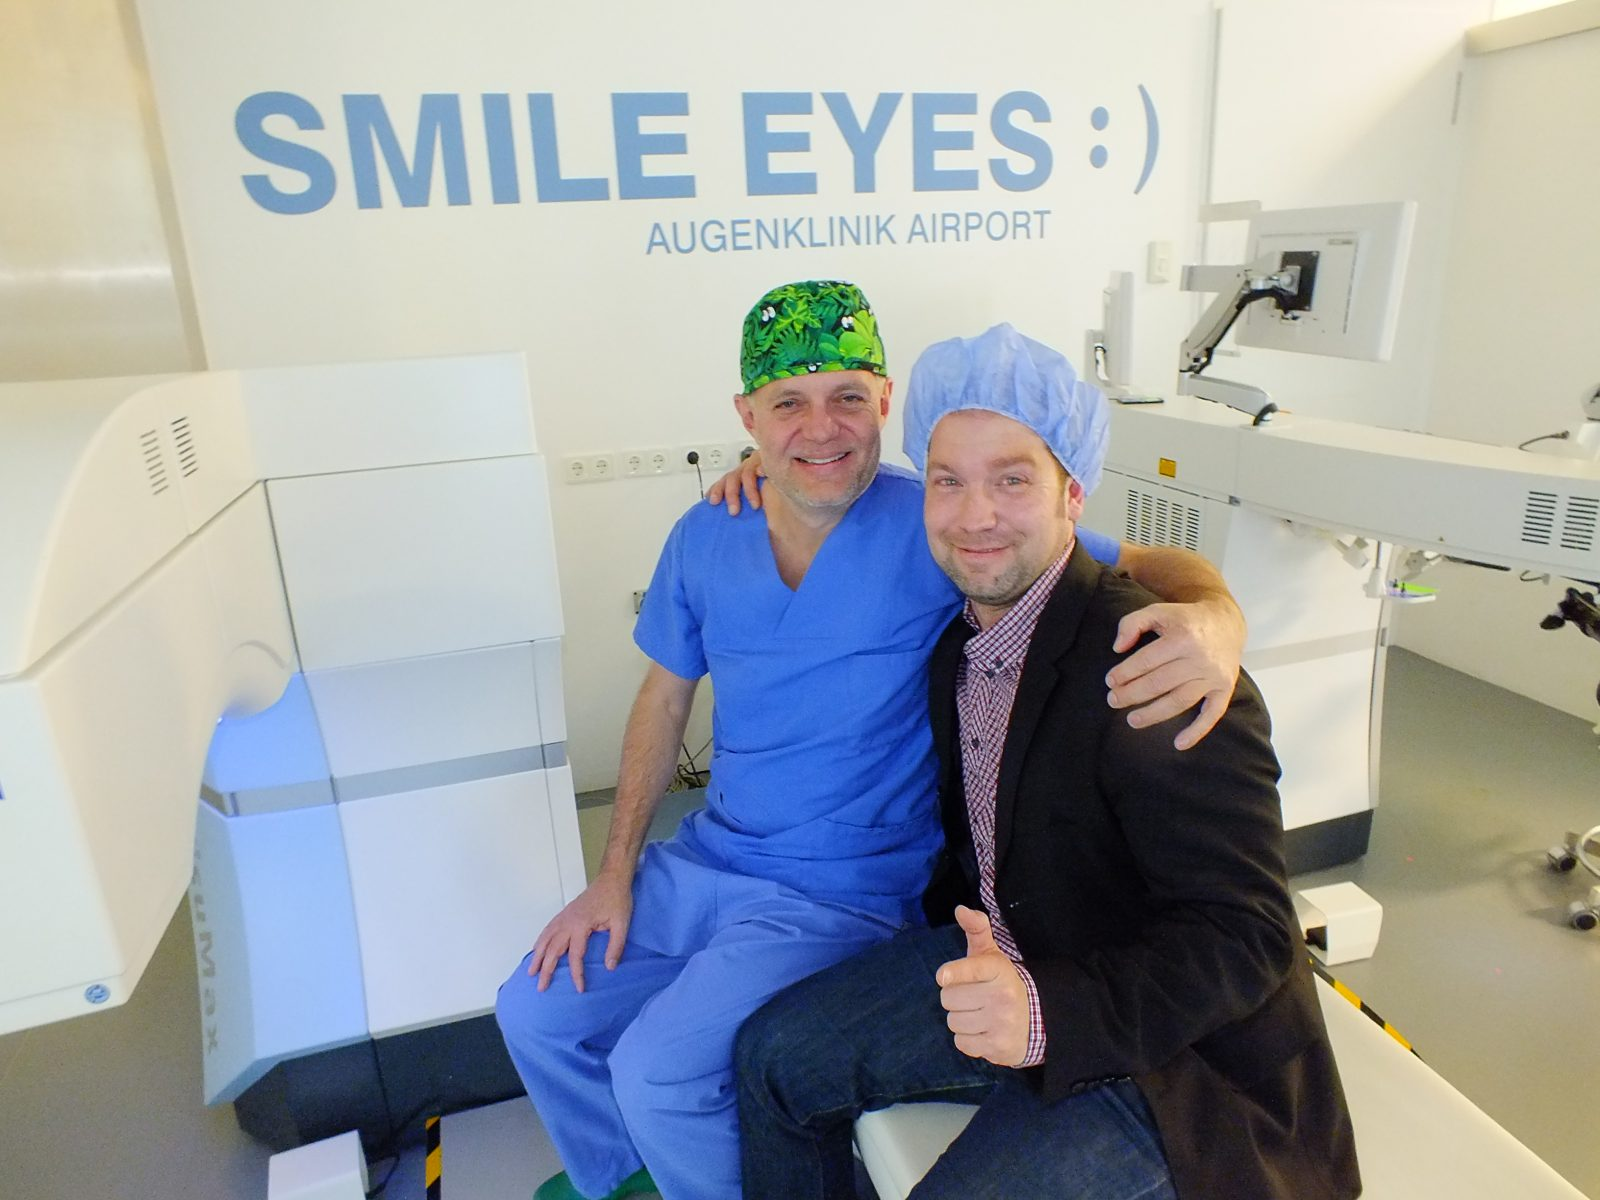 LEO-Mitarbeiter Jörg Garstka zusammen mit Dr. Rainer Wiltfang in der Smile Eyes Augenlaserklinik Airport München